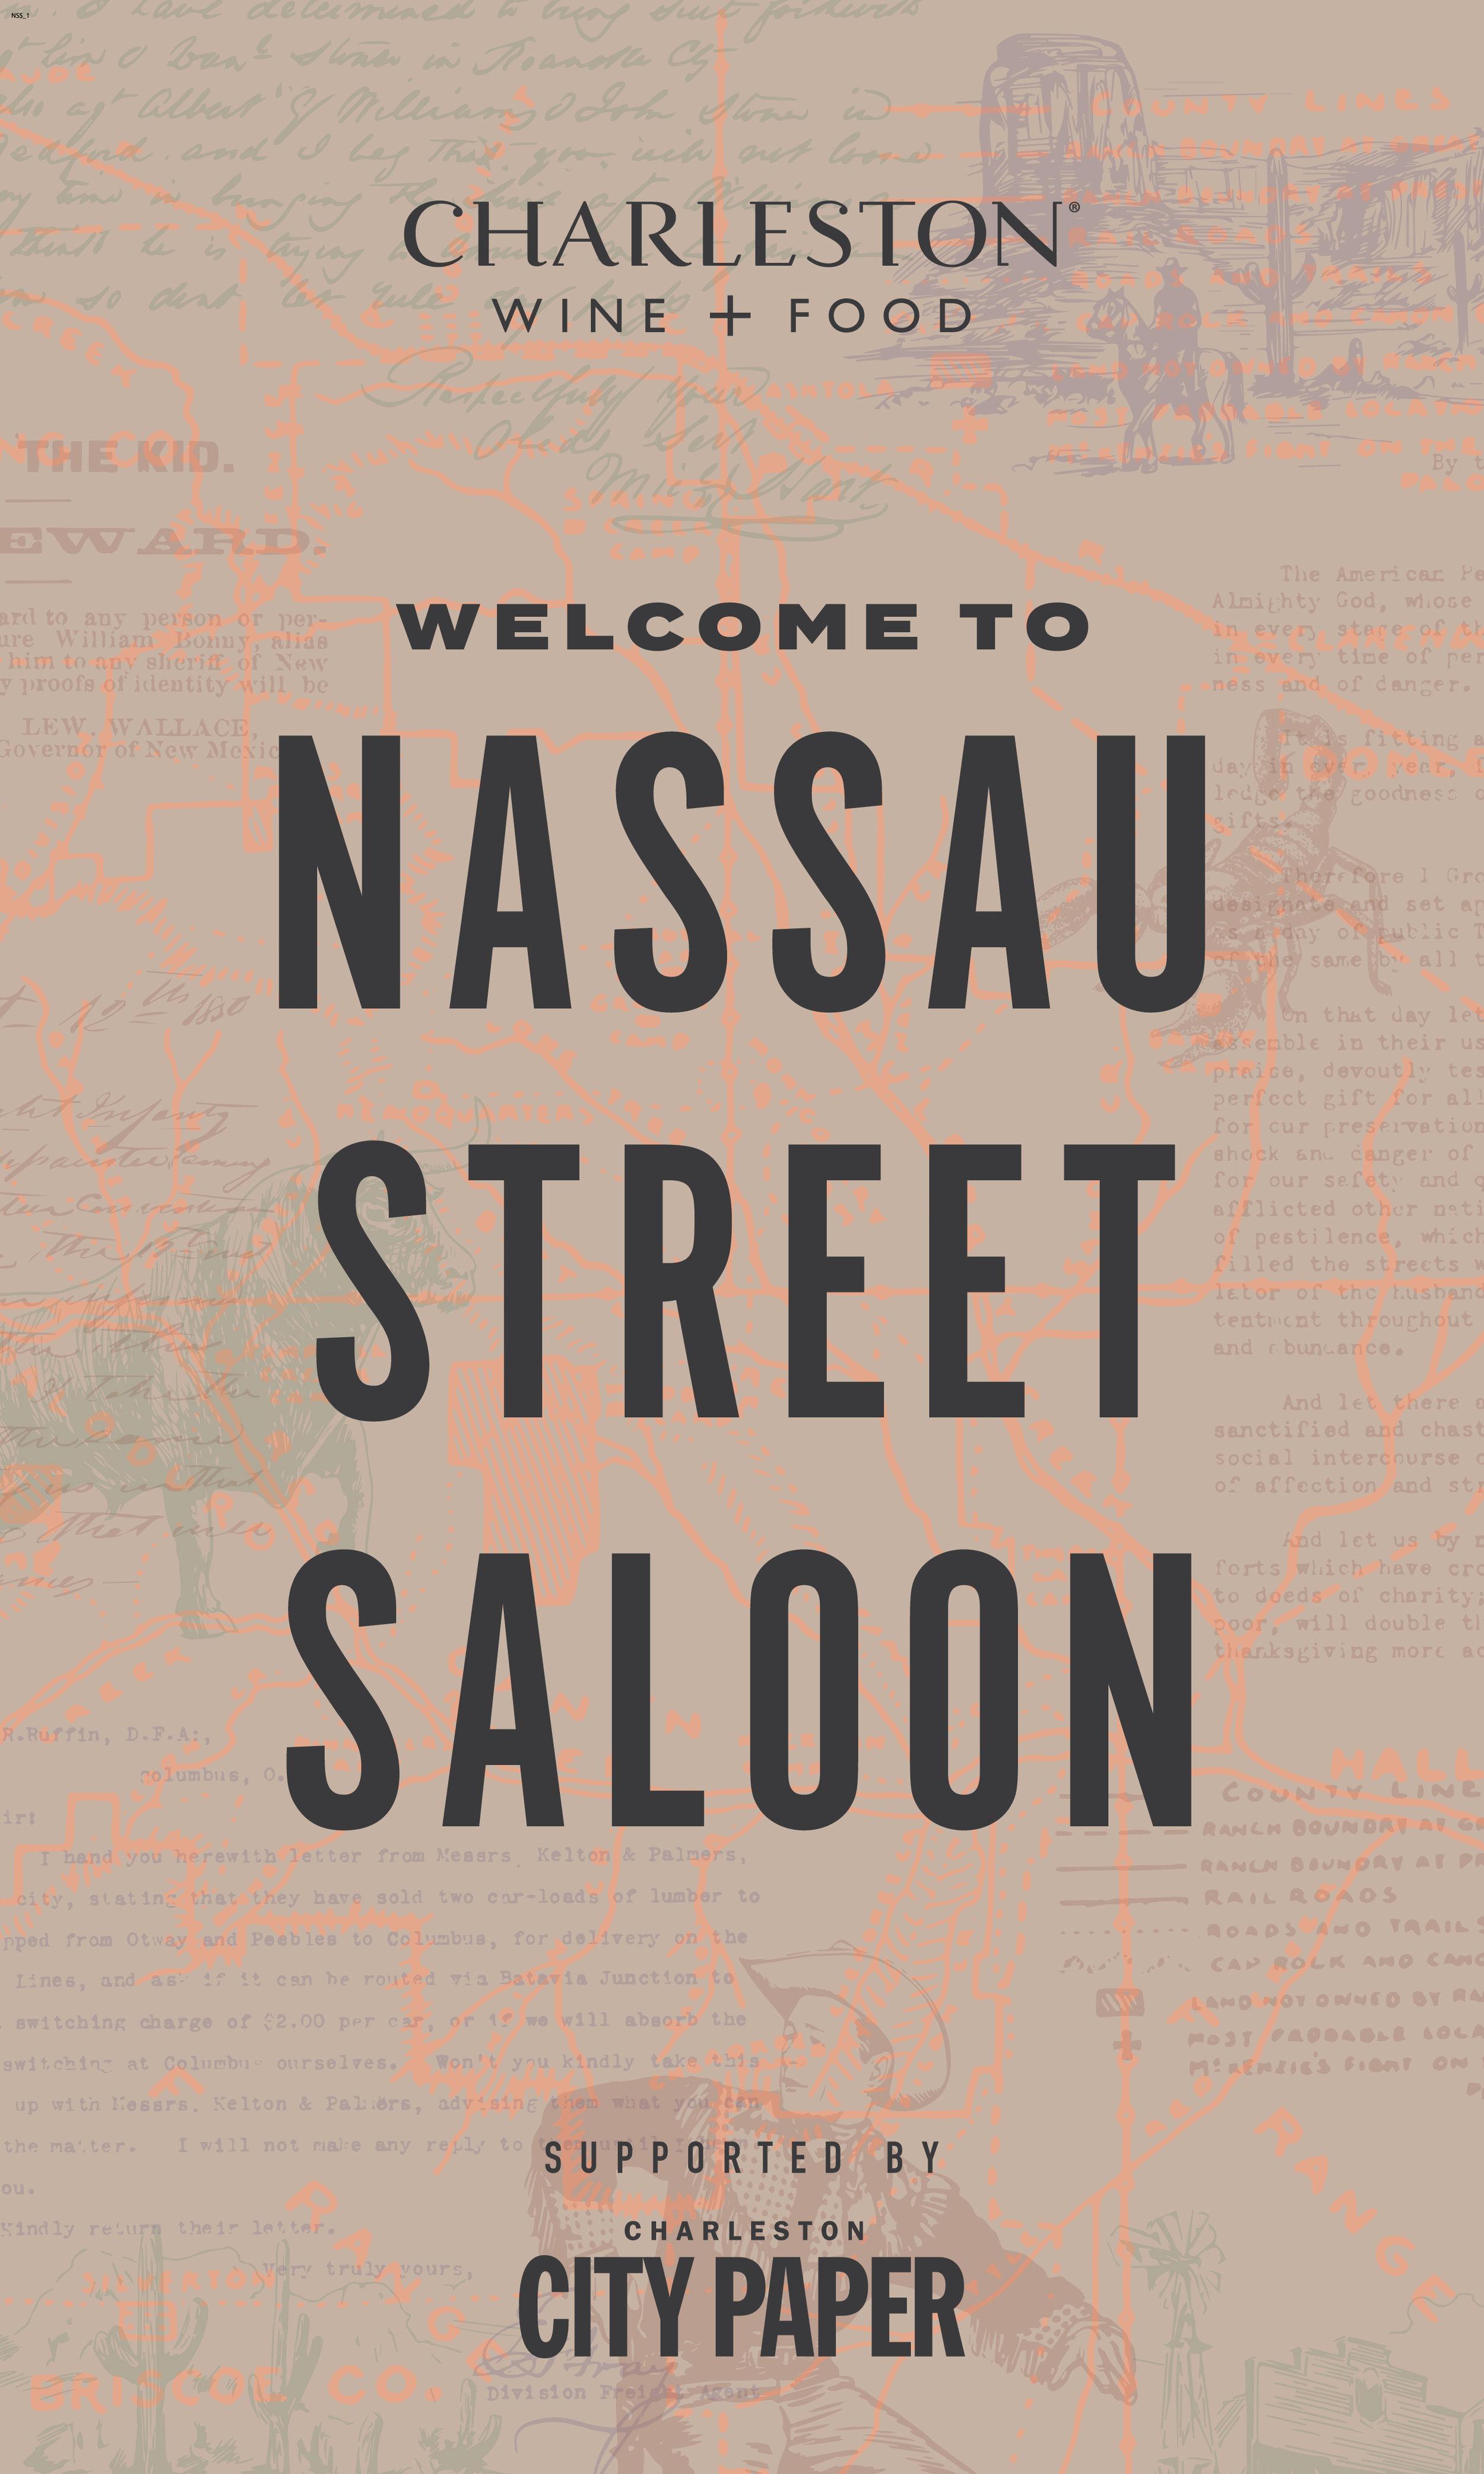 Nassaue-St-Saloon.jpg